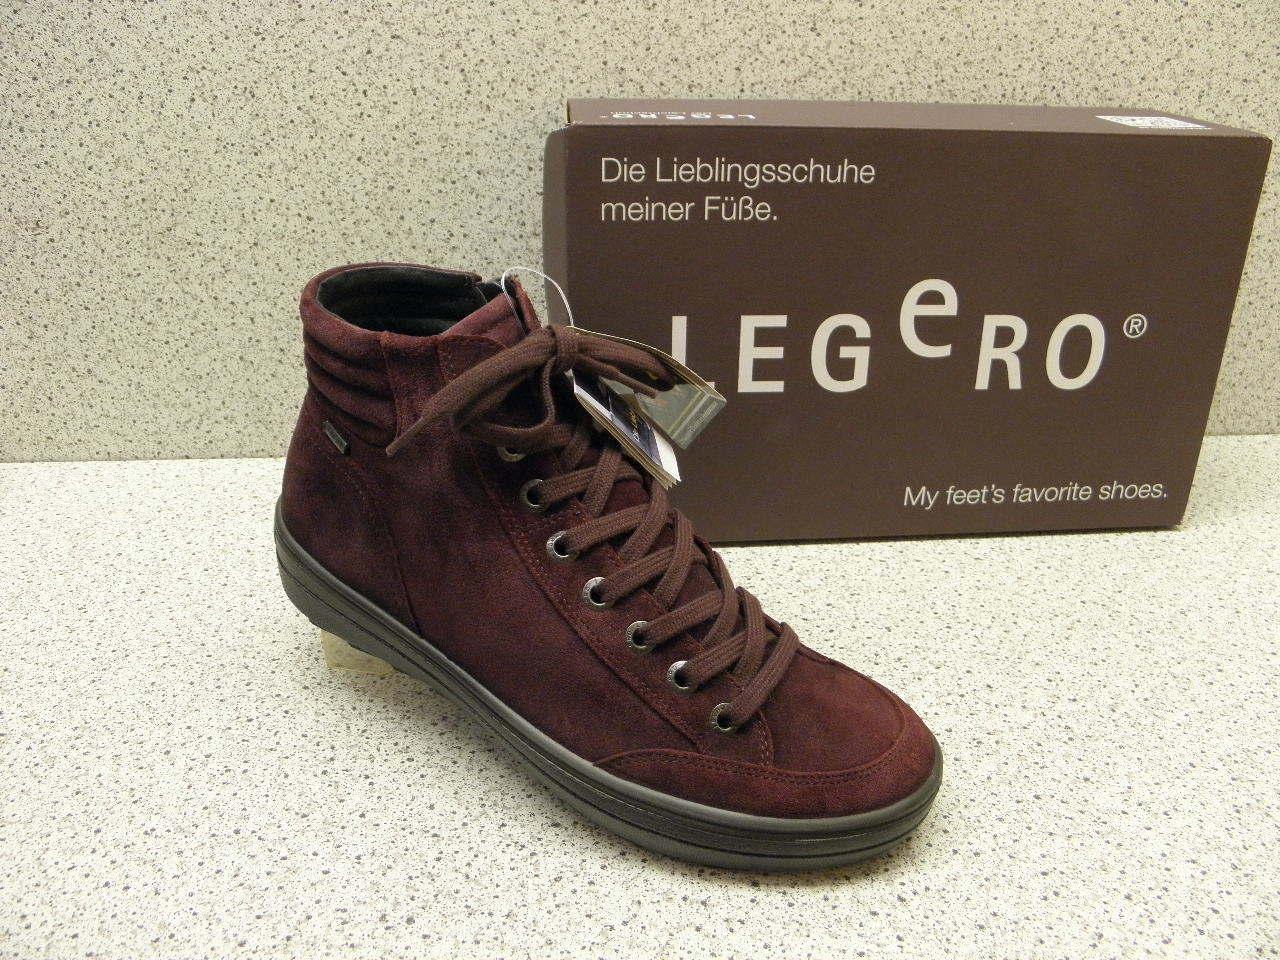 miglior prezzo migliore Legero ® riduce, finora  129,95, stivali in in in pelle Gore-Tex ® ROSSO (l7)  Sconto del 70%